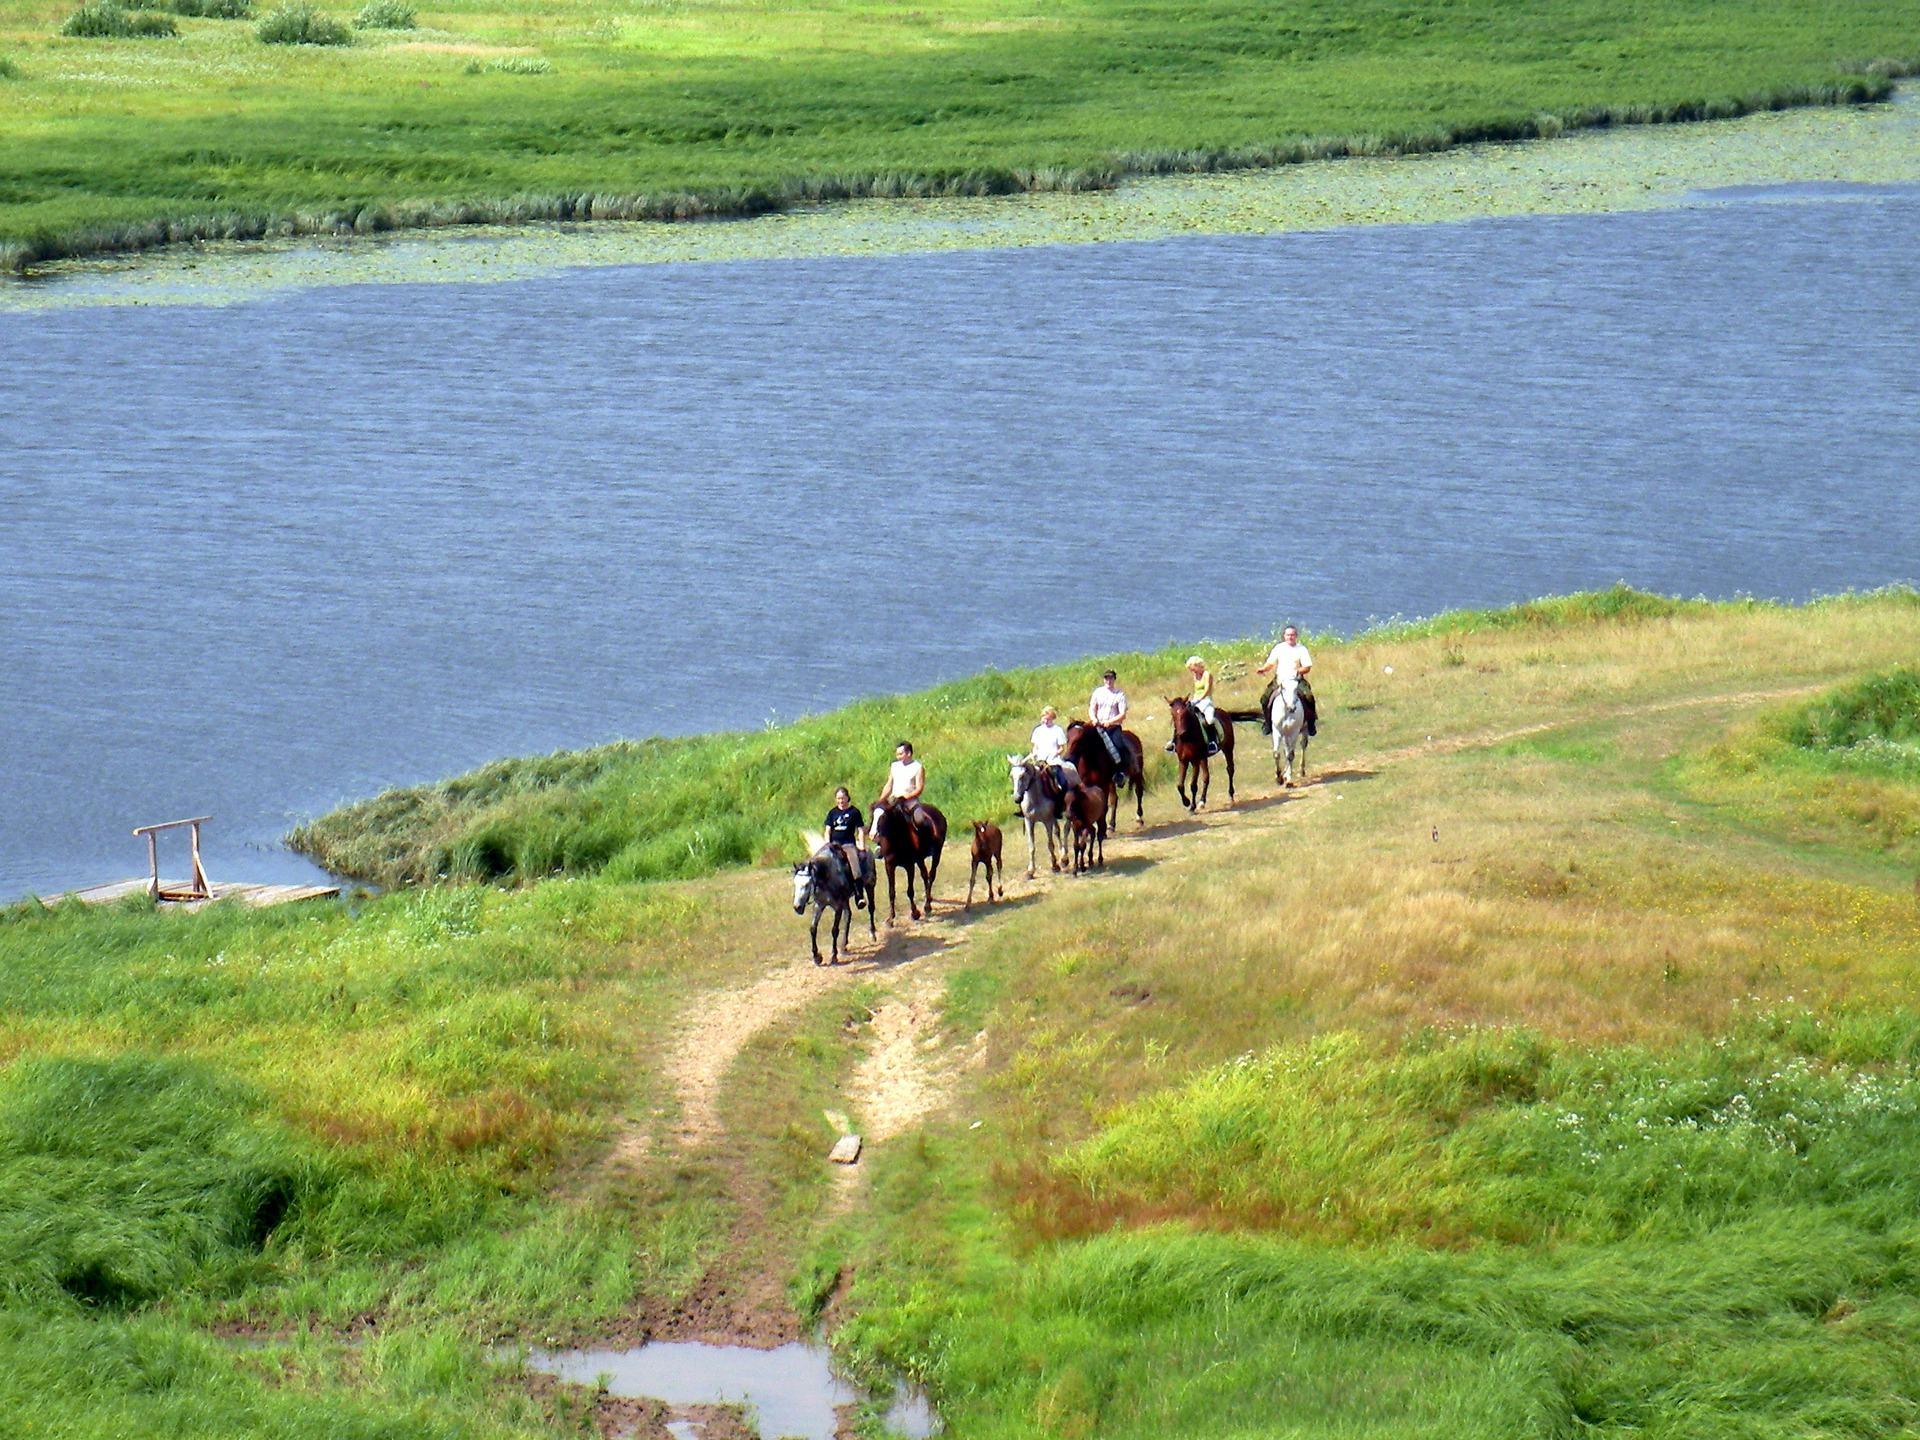 الناس يمشون على طول شاطئ البحيرة على الخيول